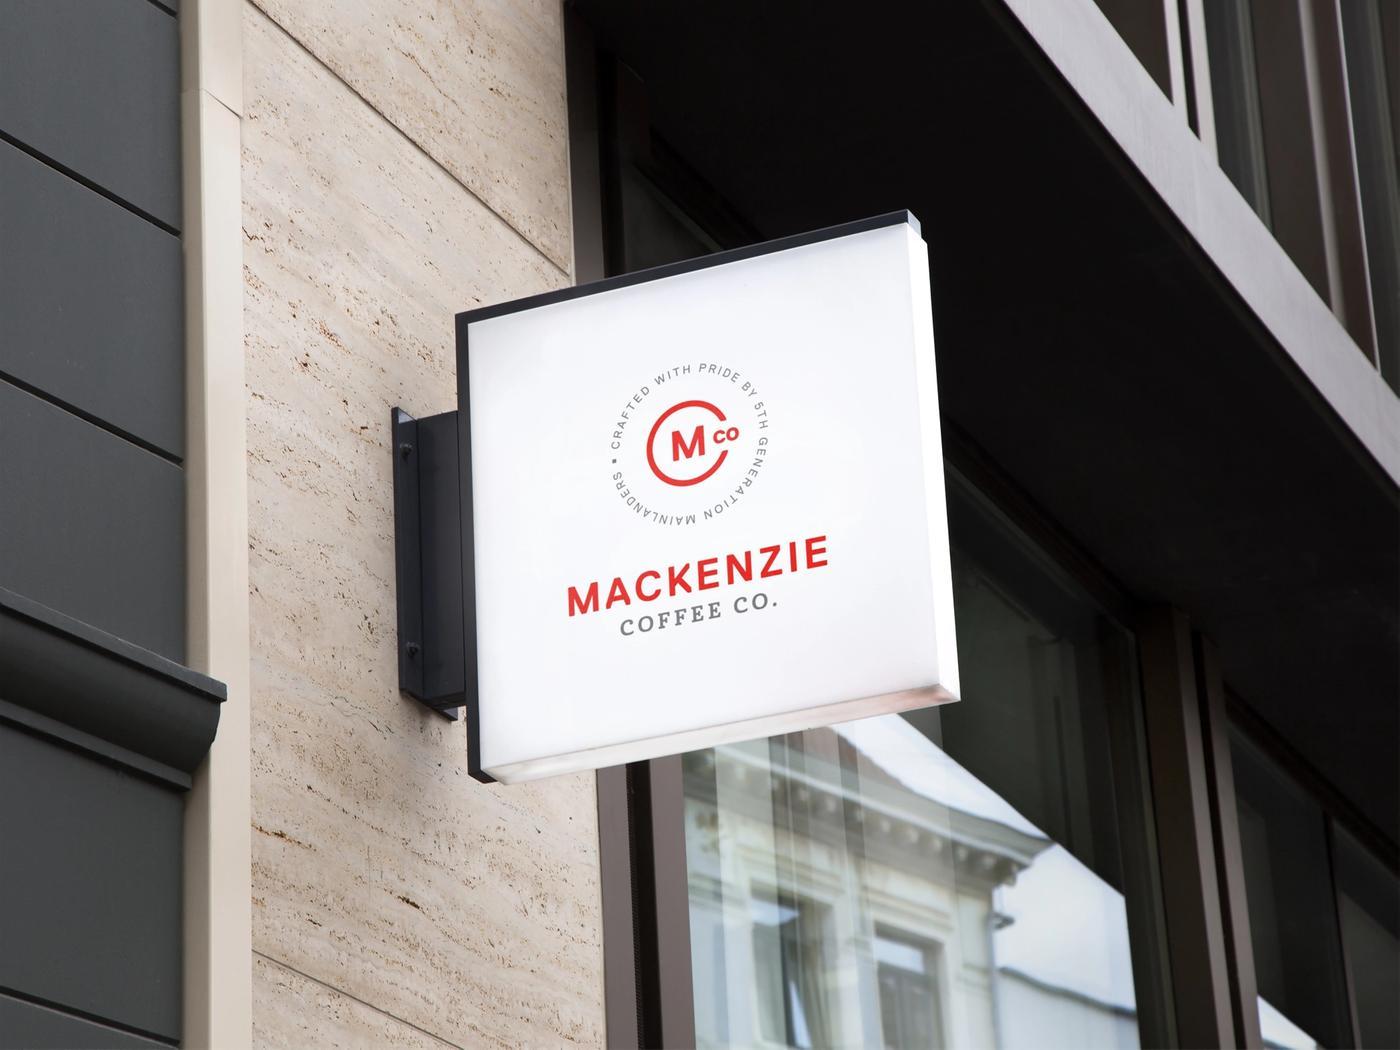 Mackenzie Coffee Co Sign